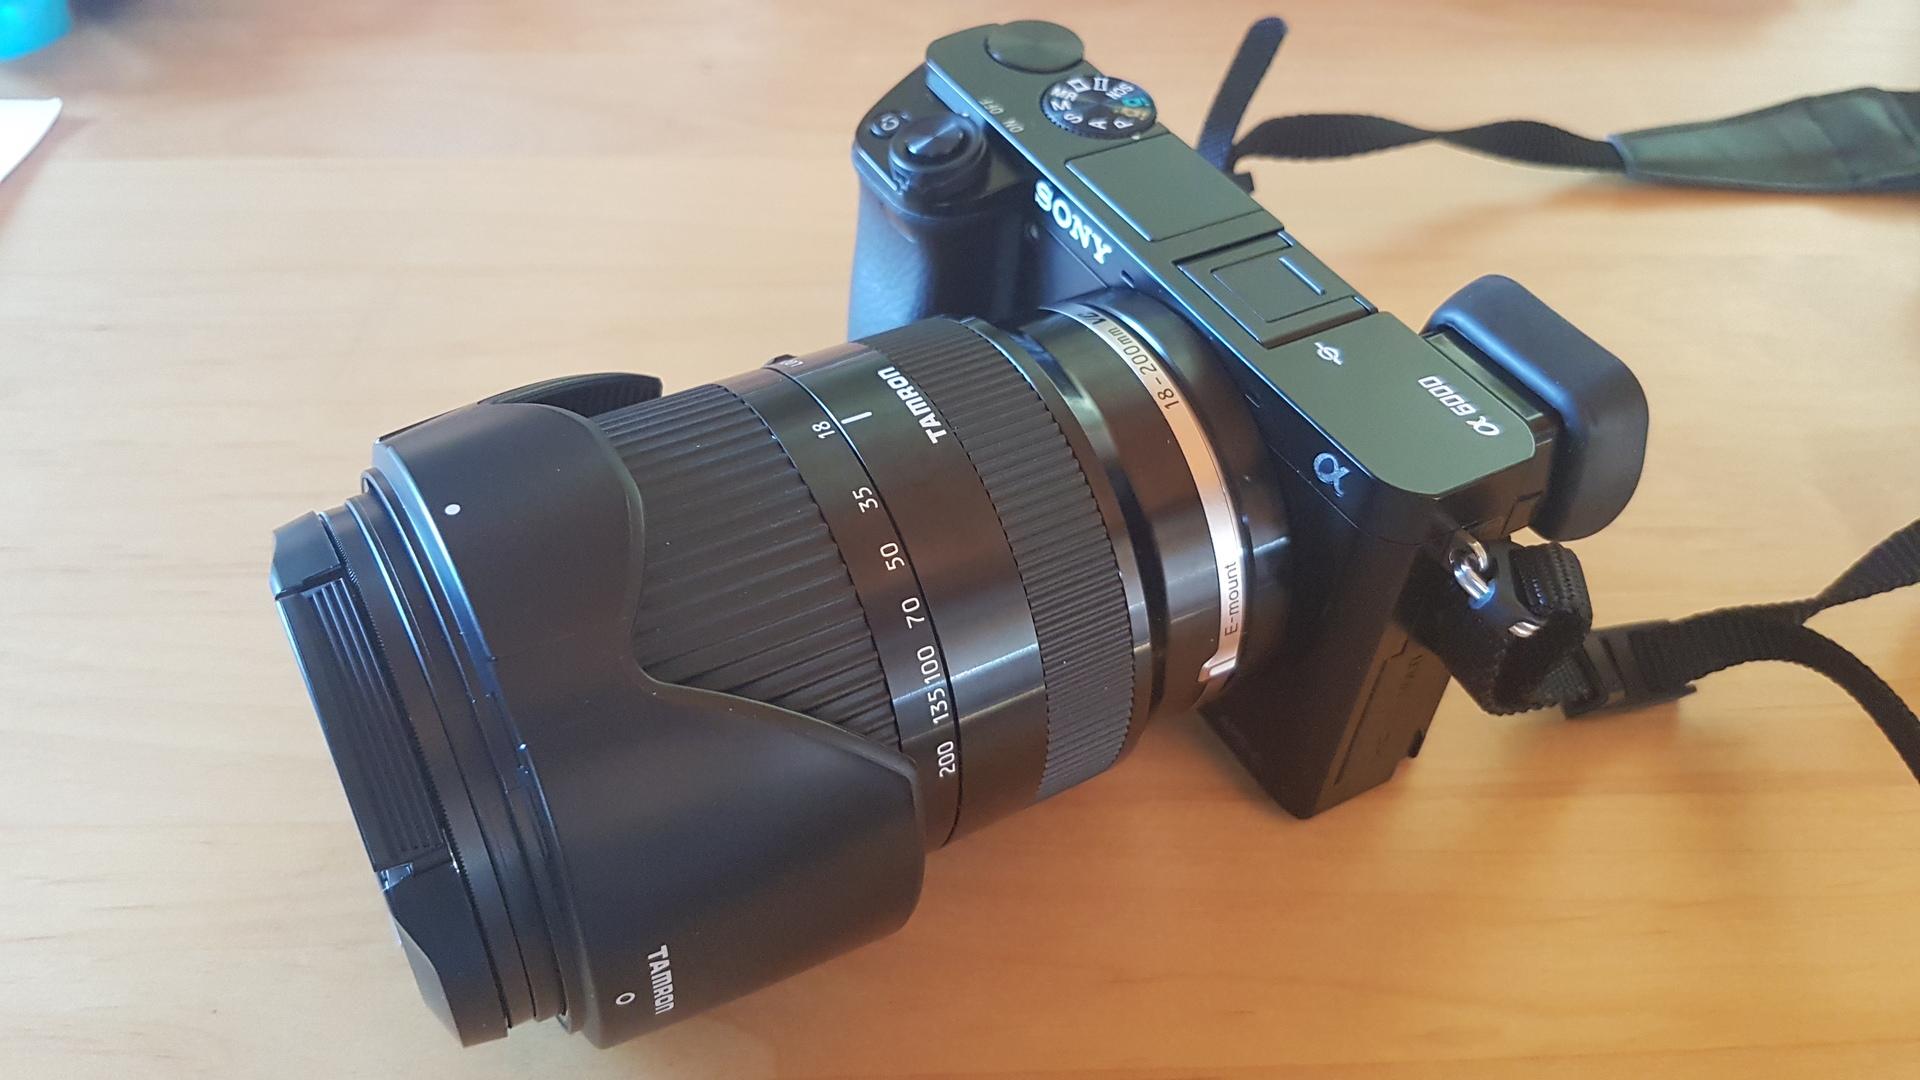 Tamron 18 200mm 135 63 Di Iii Vc Nex Af Schwarz Foto Erhardt F 35 Lens For Canon Ef M 2 Kunden Finden Diese Rezension Hilfreich